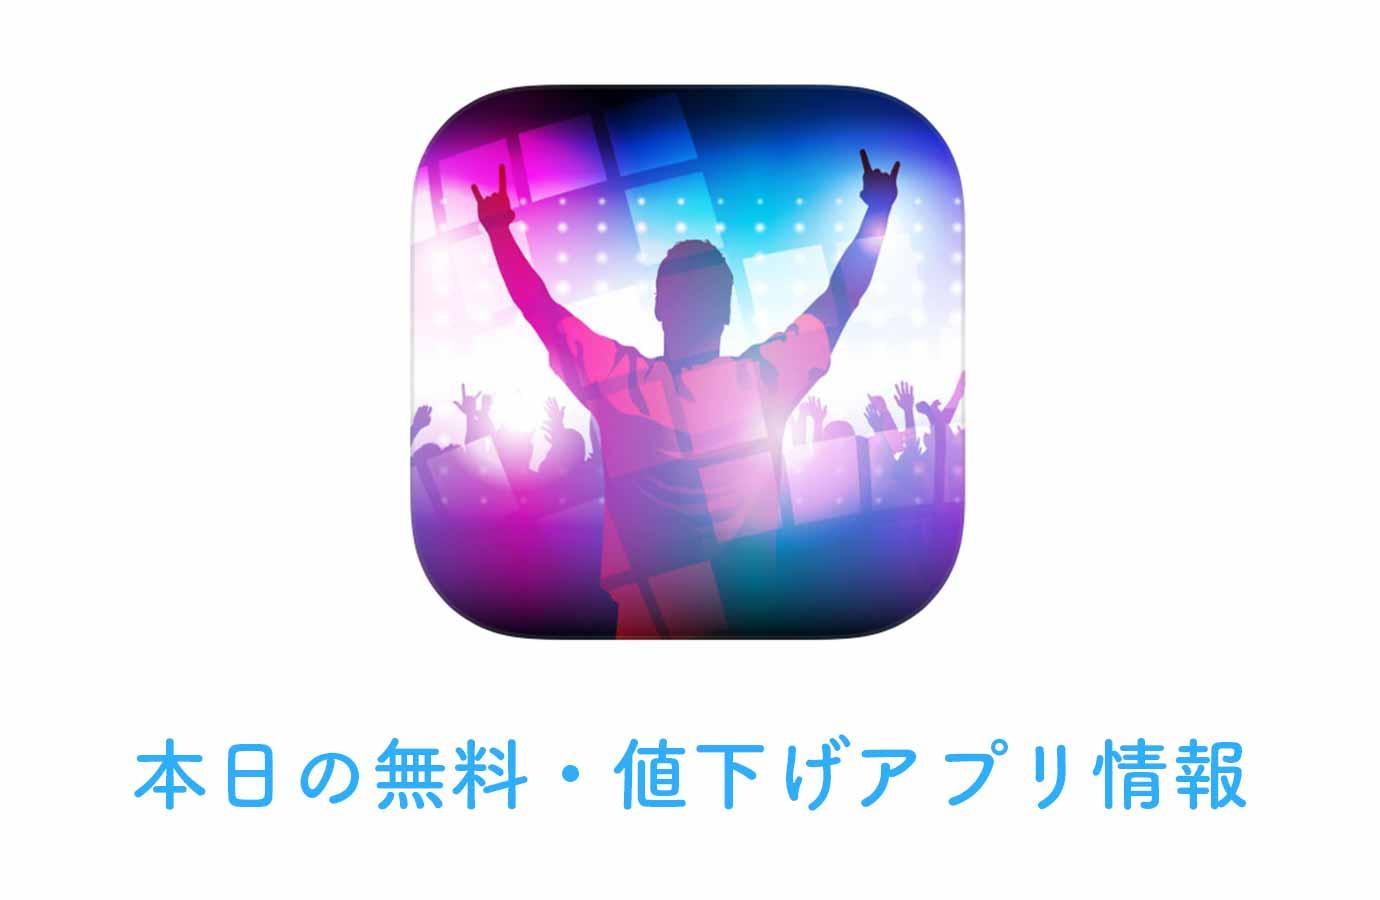 120円→無料!ライブ会場をシミュレートできるミュージックプレイヤー「LiveTunes」など【3/29】本日の無料・値下げアプリ情報